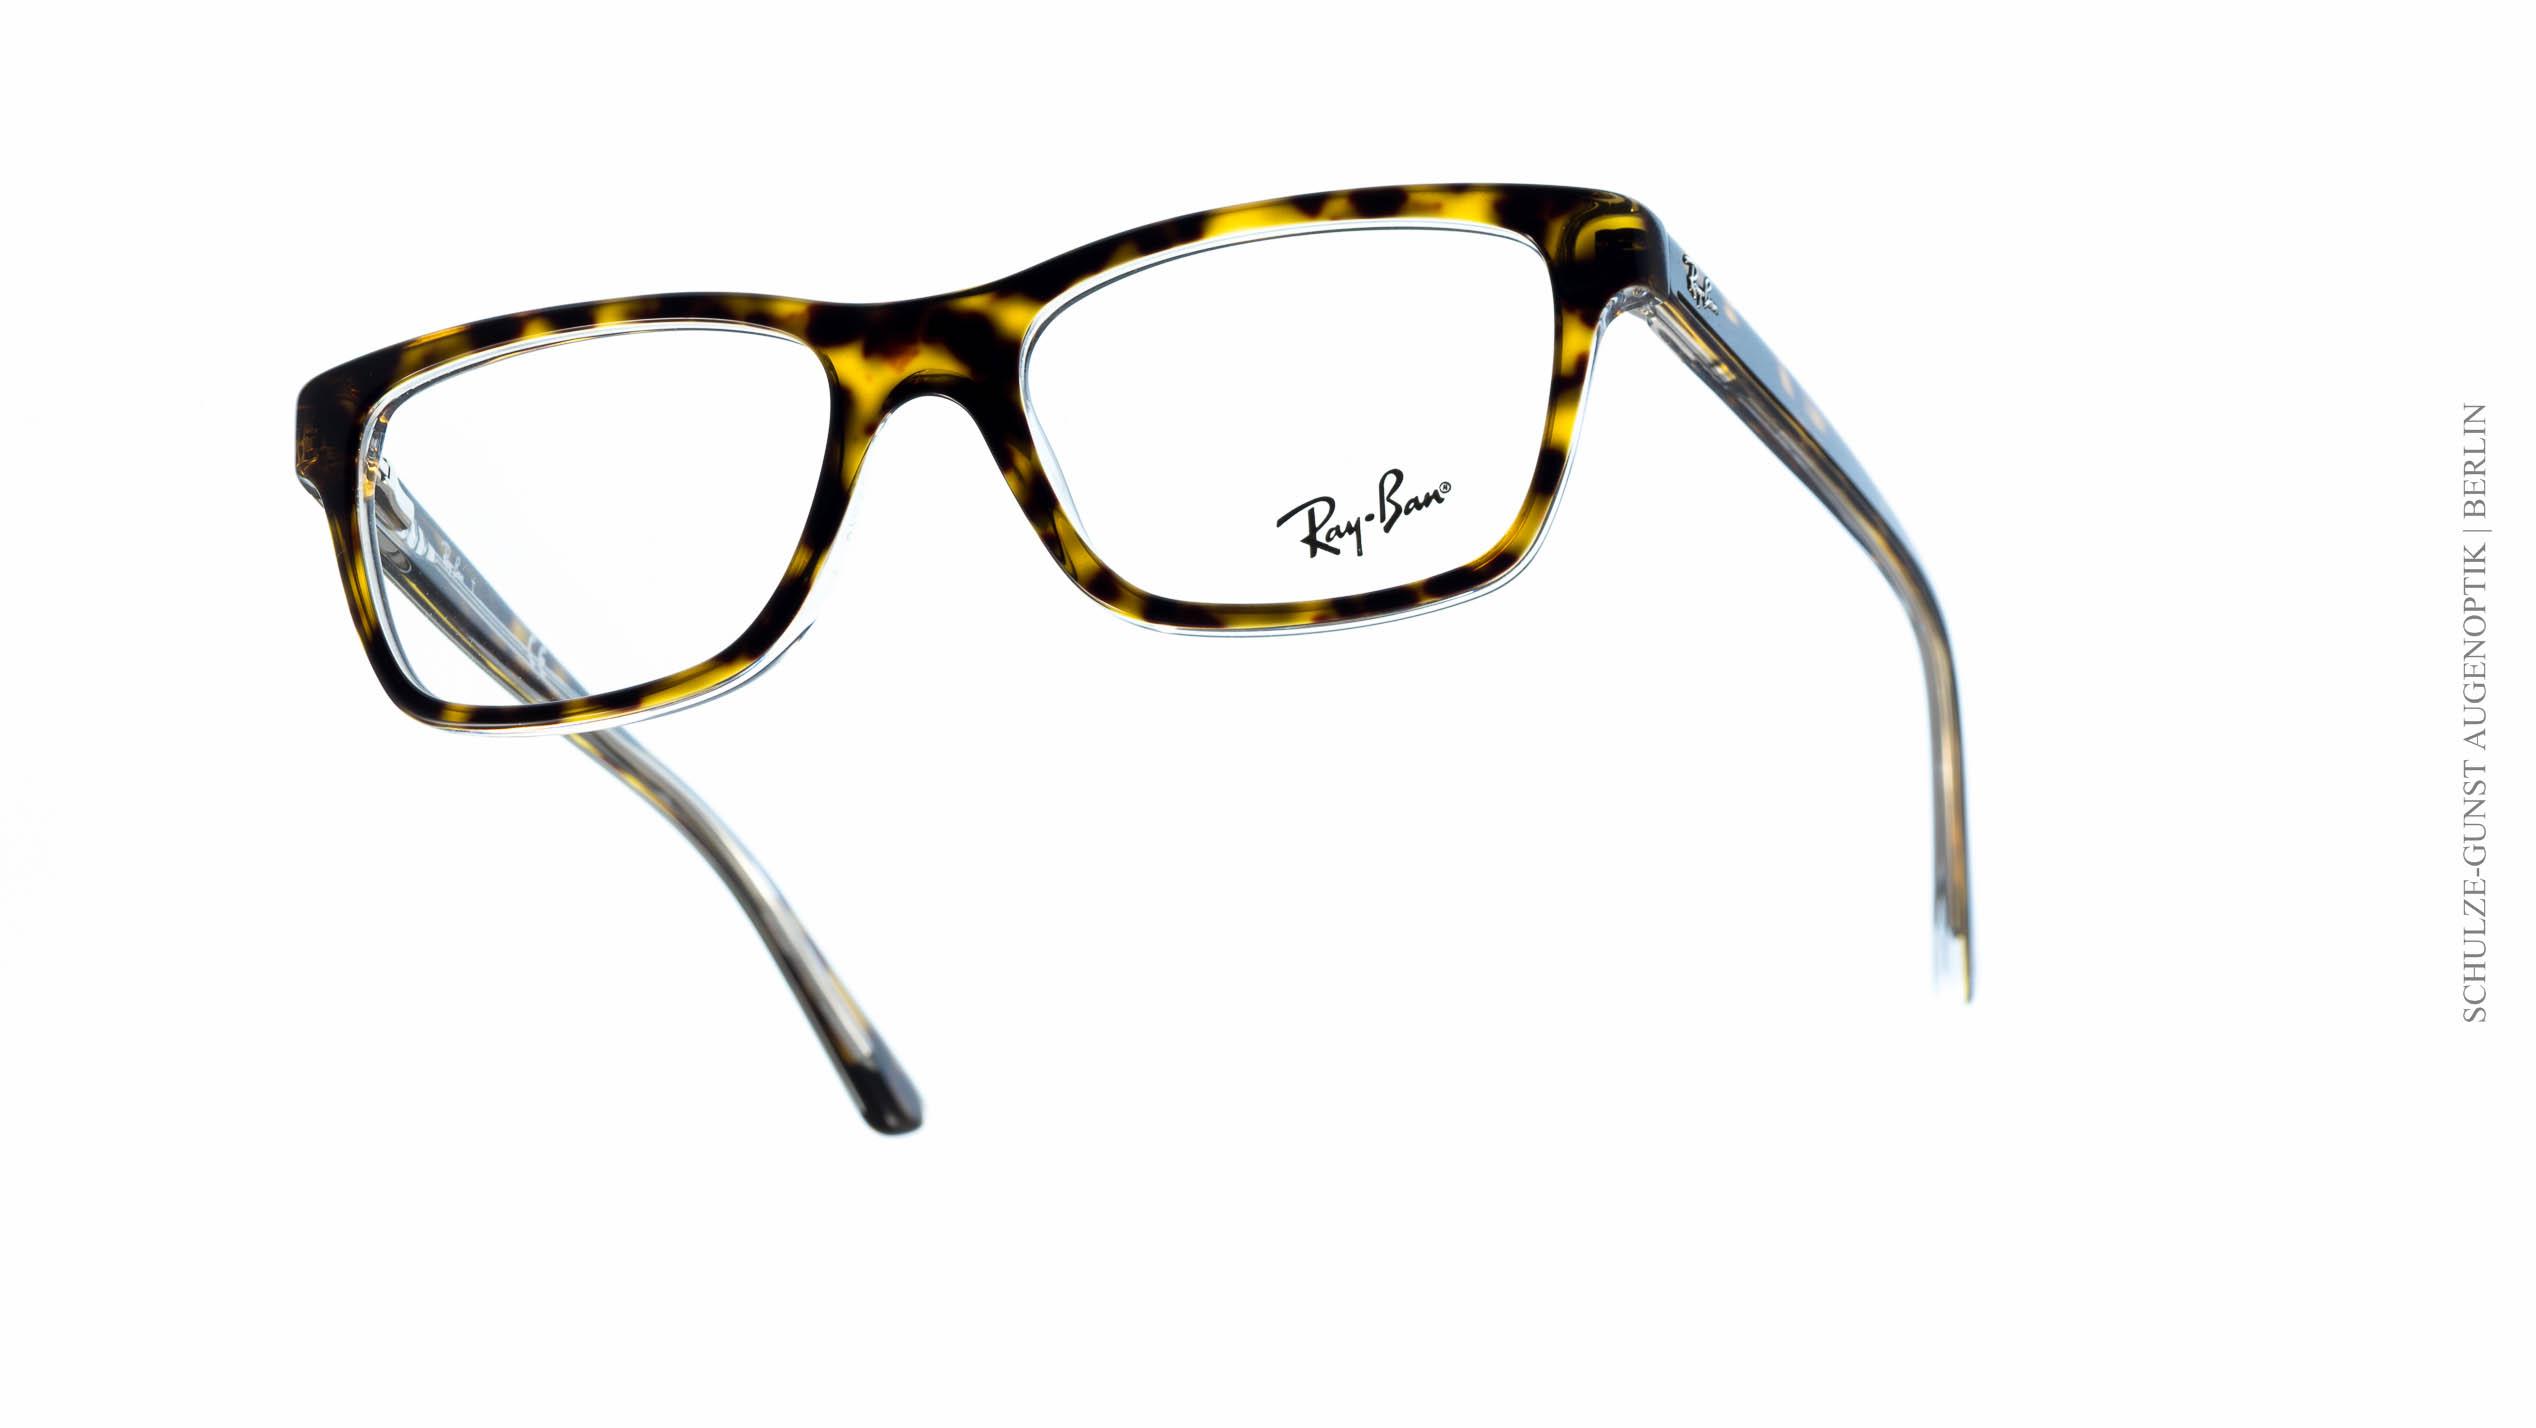 8020 – Ray Ban RB3498 SCHULZE GUNST Augenoptik seit 1894